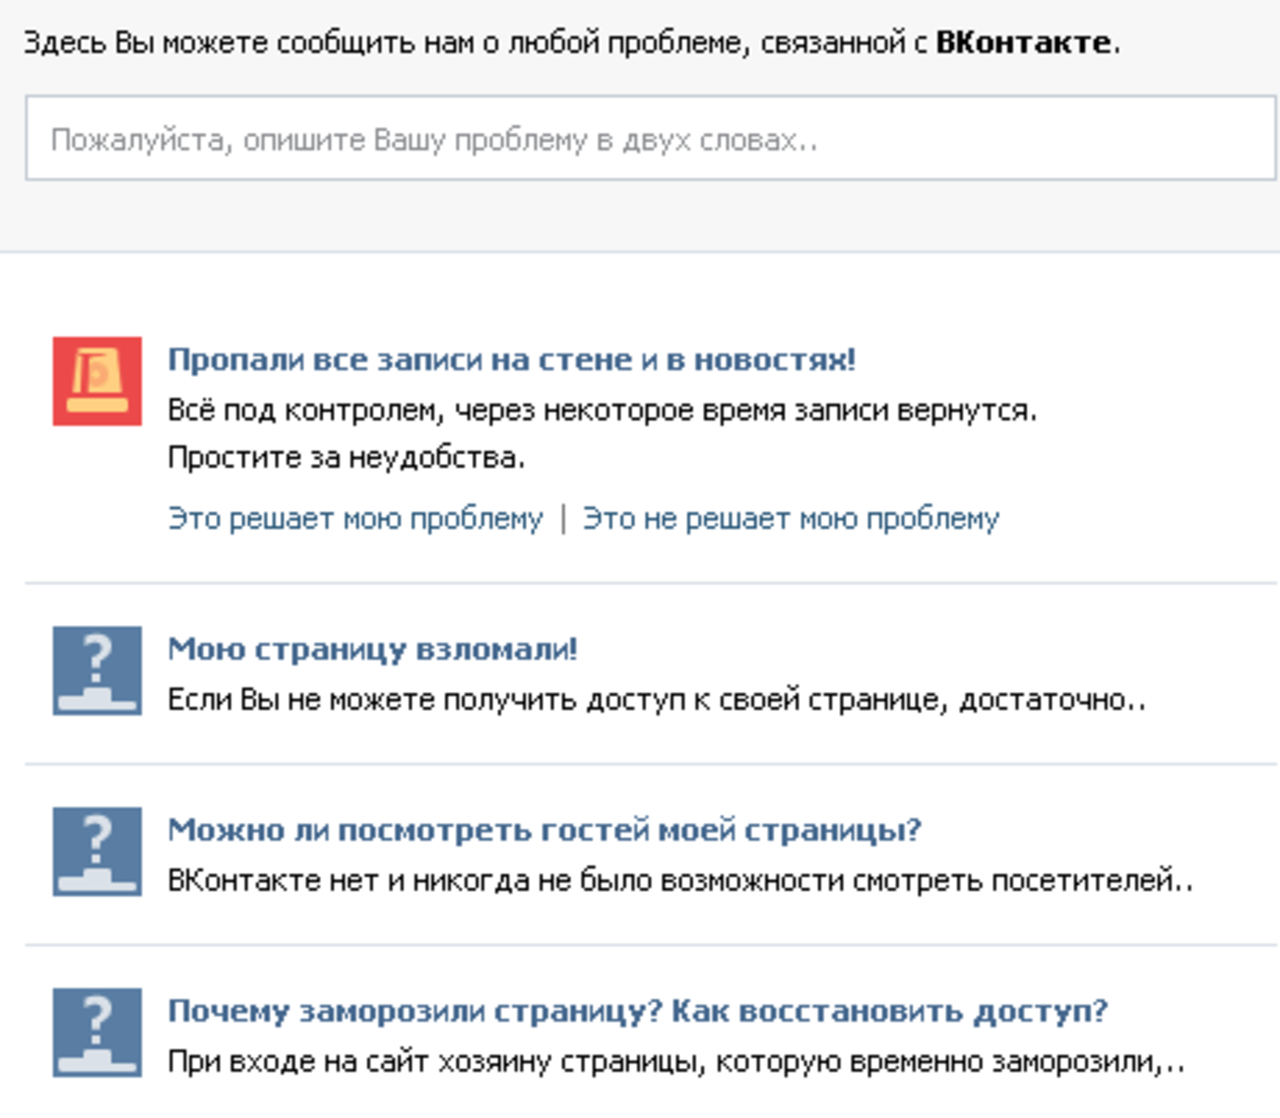 Как разморозить страницу в Контакте, если заморозили 55